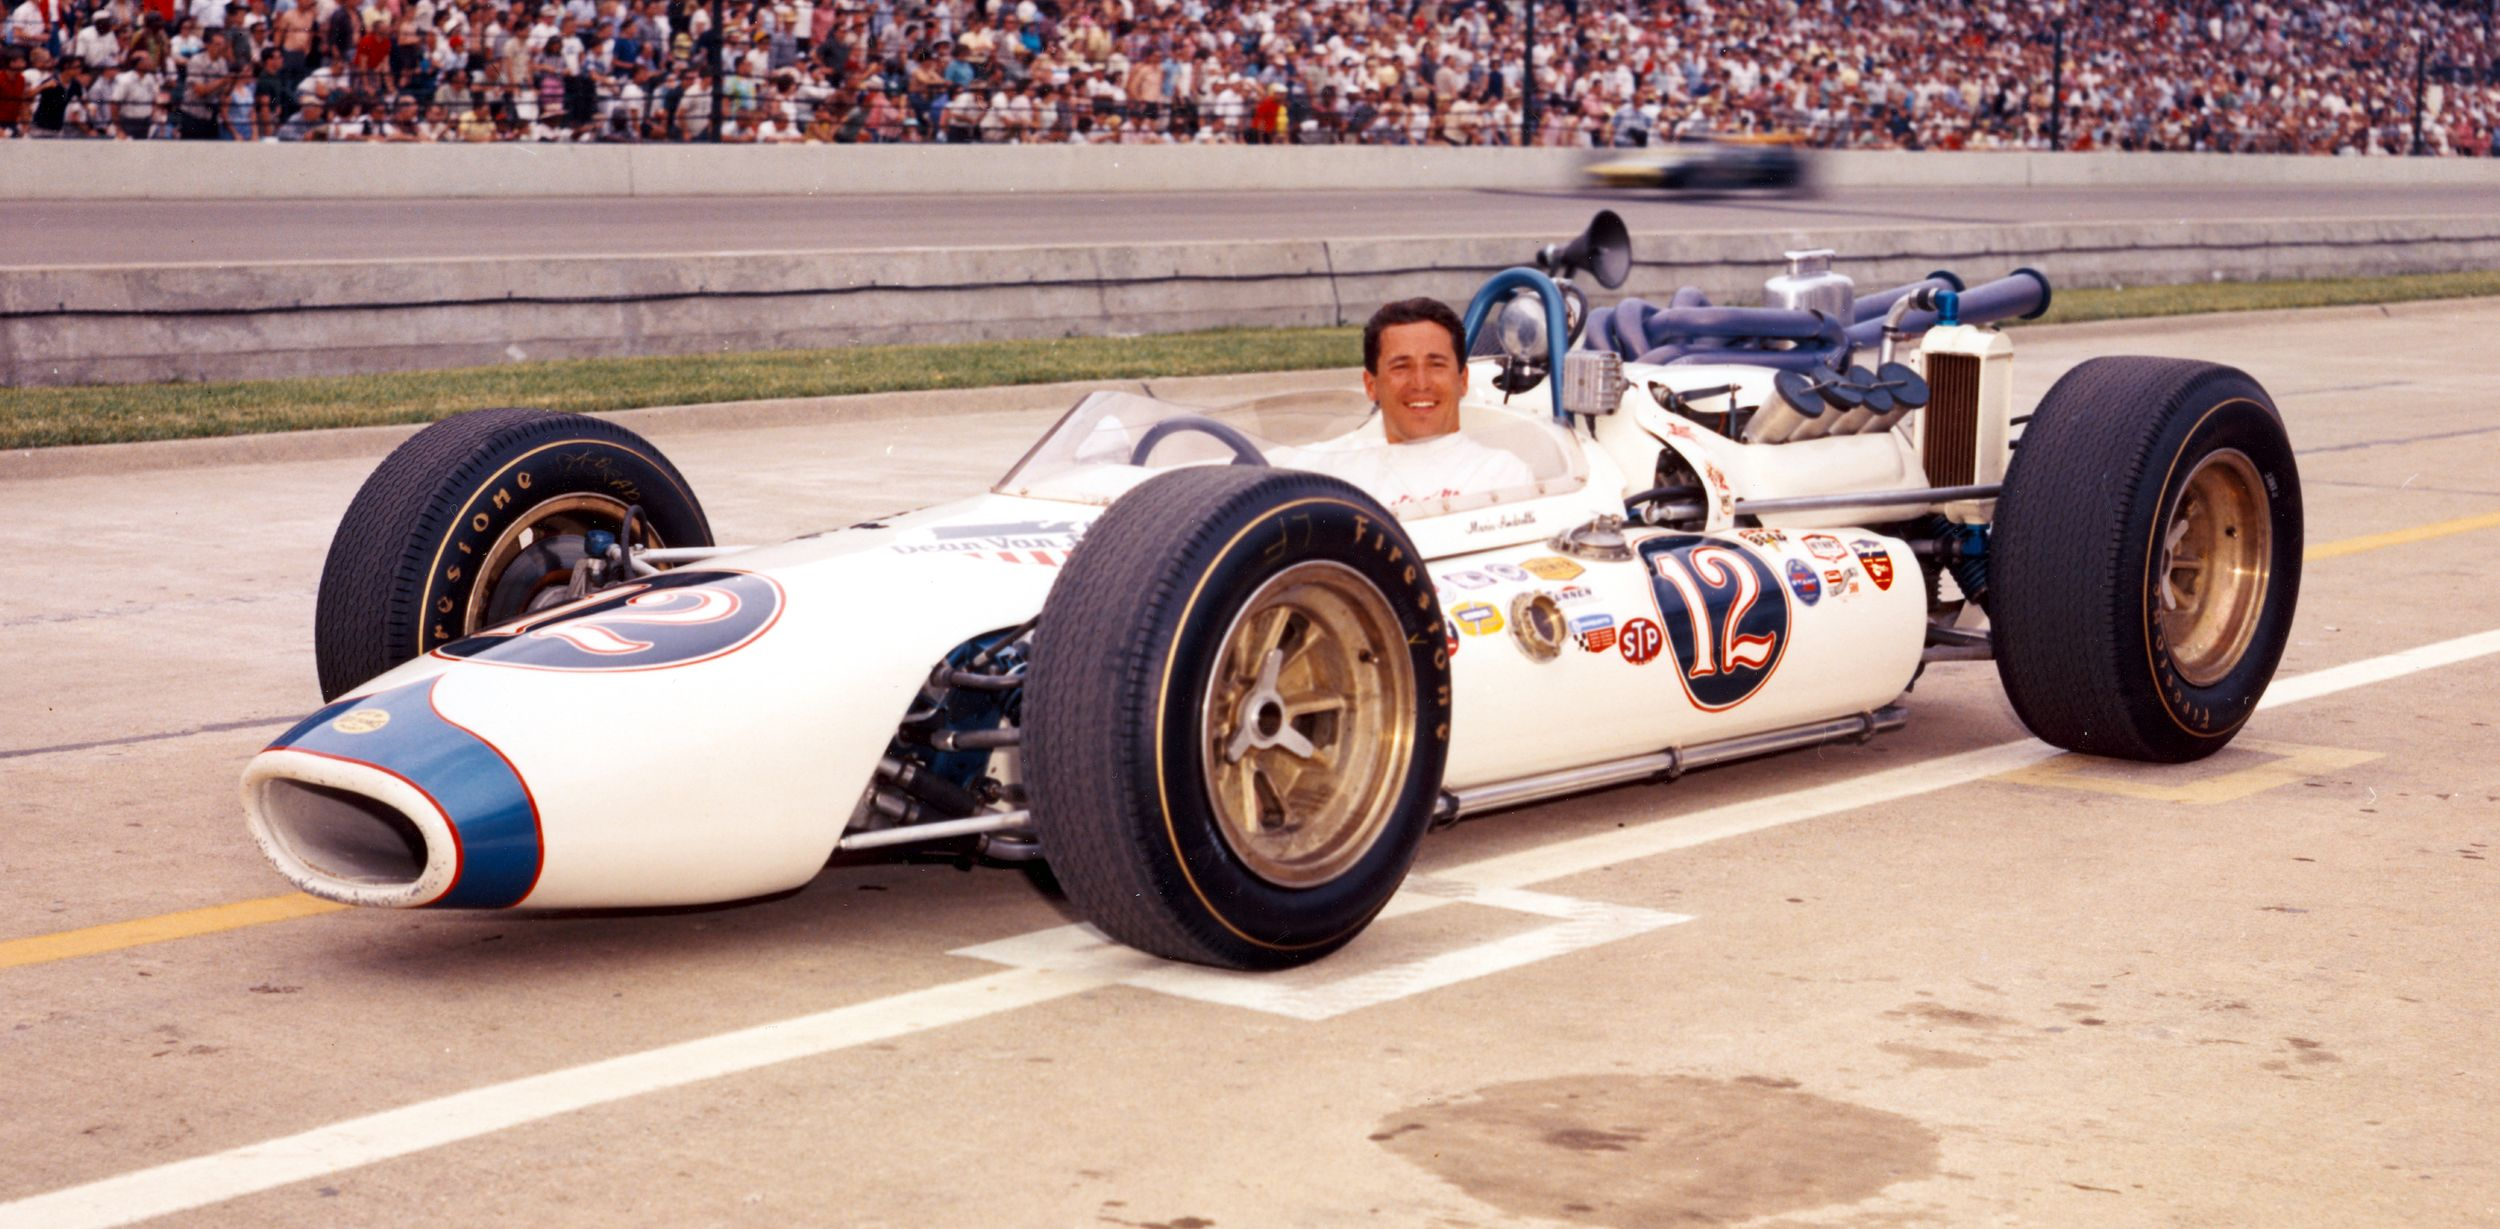 Марио Андретти в Индианаполисе в 1965-м